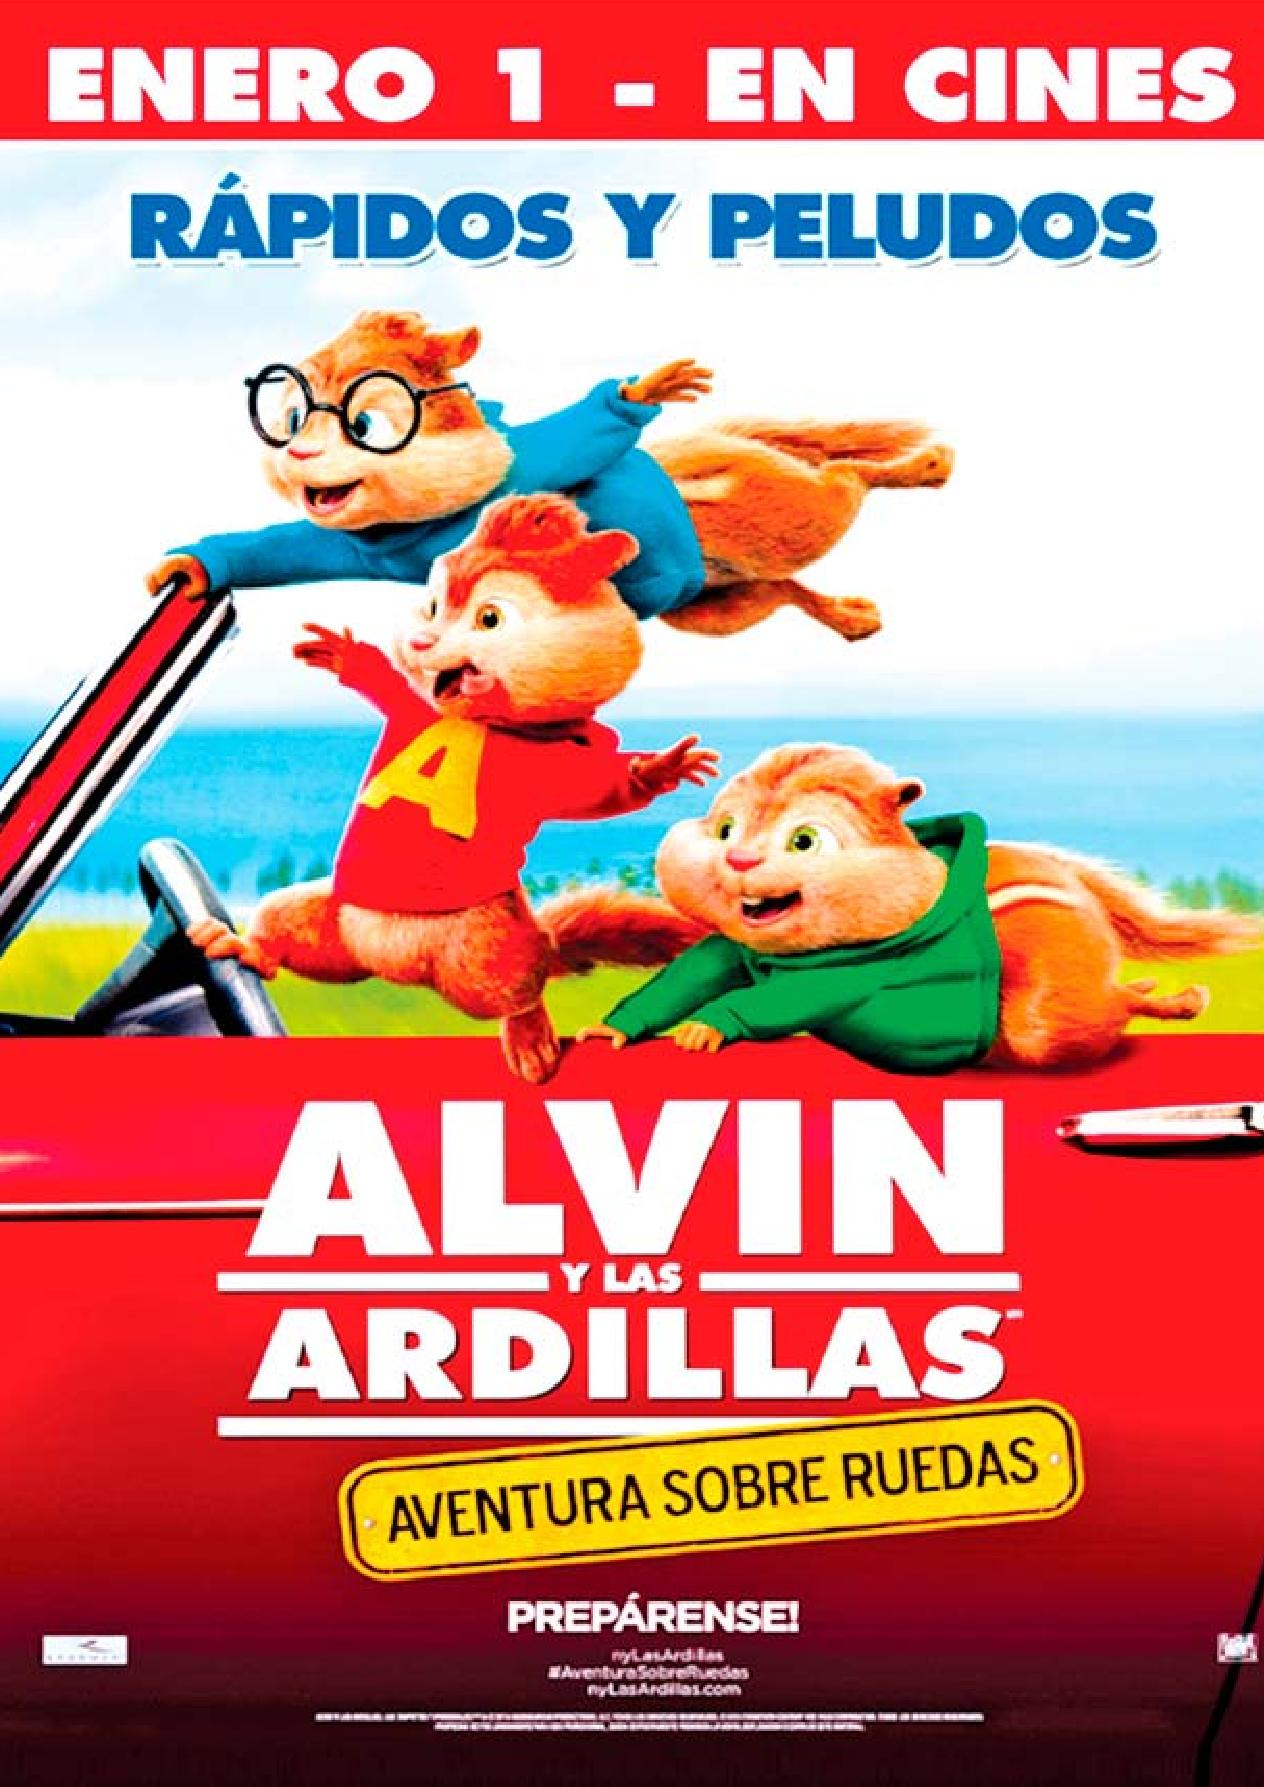 ALVIN y las ardillas rapidos y peludos THE MOVIE estreno